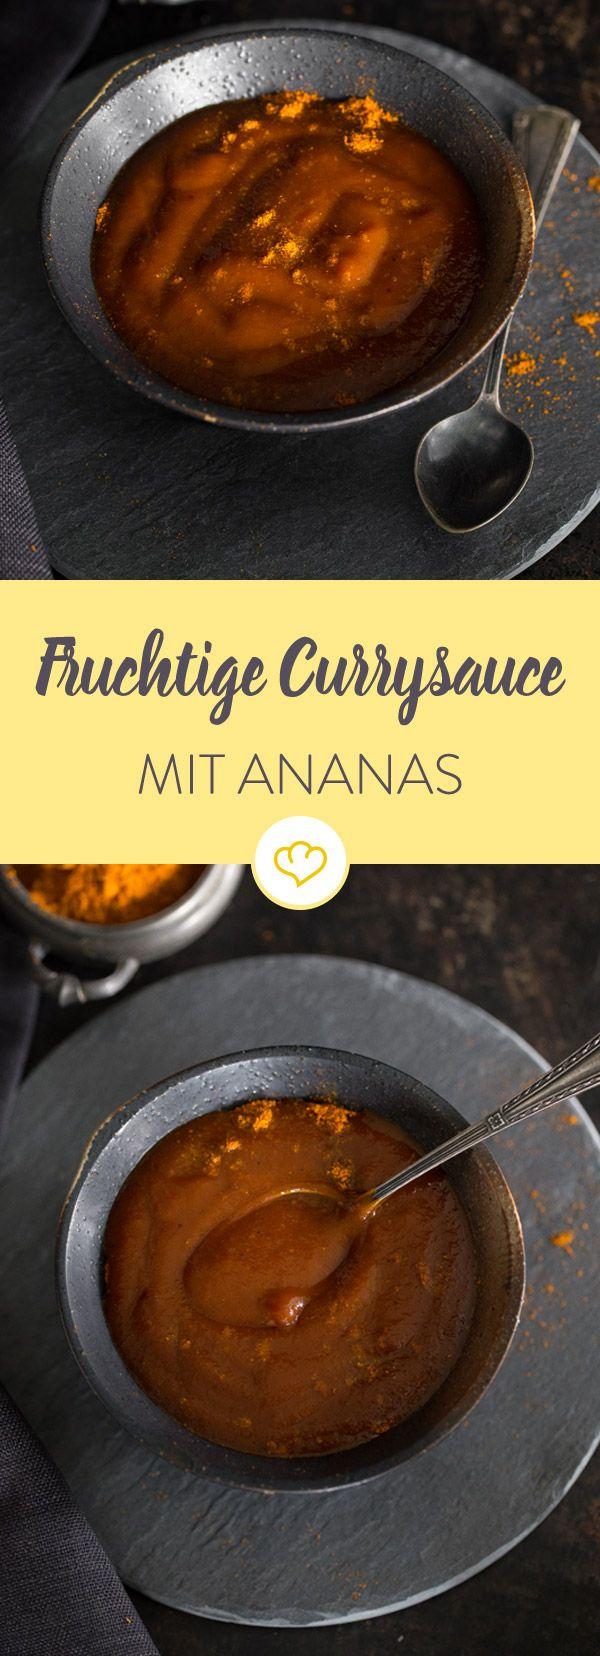 Wenn du Currywurst liebst, brauchst du auch eine gute Currysauce. Diese unwiderstehliche, fruchtige Sauce kochst du mit frischer Ananas und Preiselbeergelee. Entdeckt von Vegalife Rocks: www.vegaliferocks.de ✨ I Fleischlos glücklich, fit & Gesund✨ I Follow me for more vegan inspiration @vegaliferocks #vegan #veganerezepte